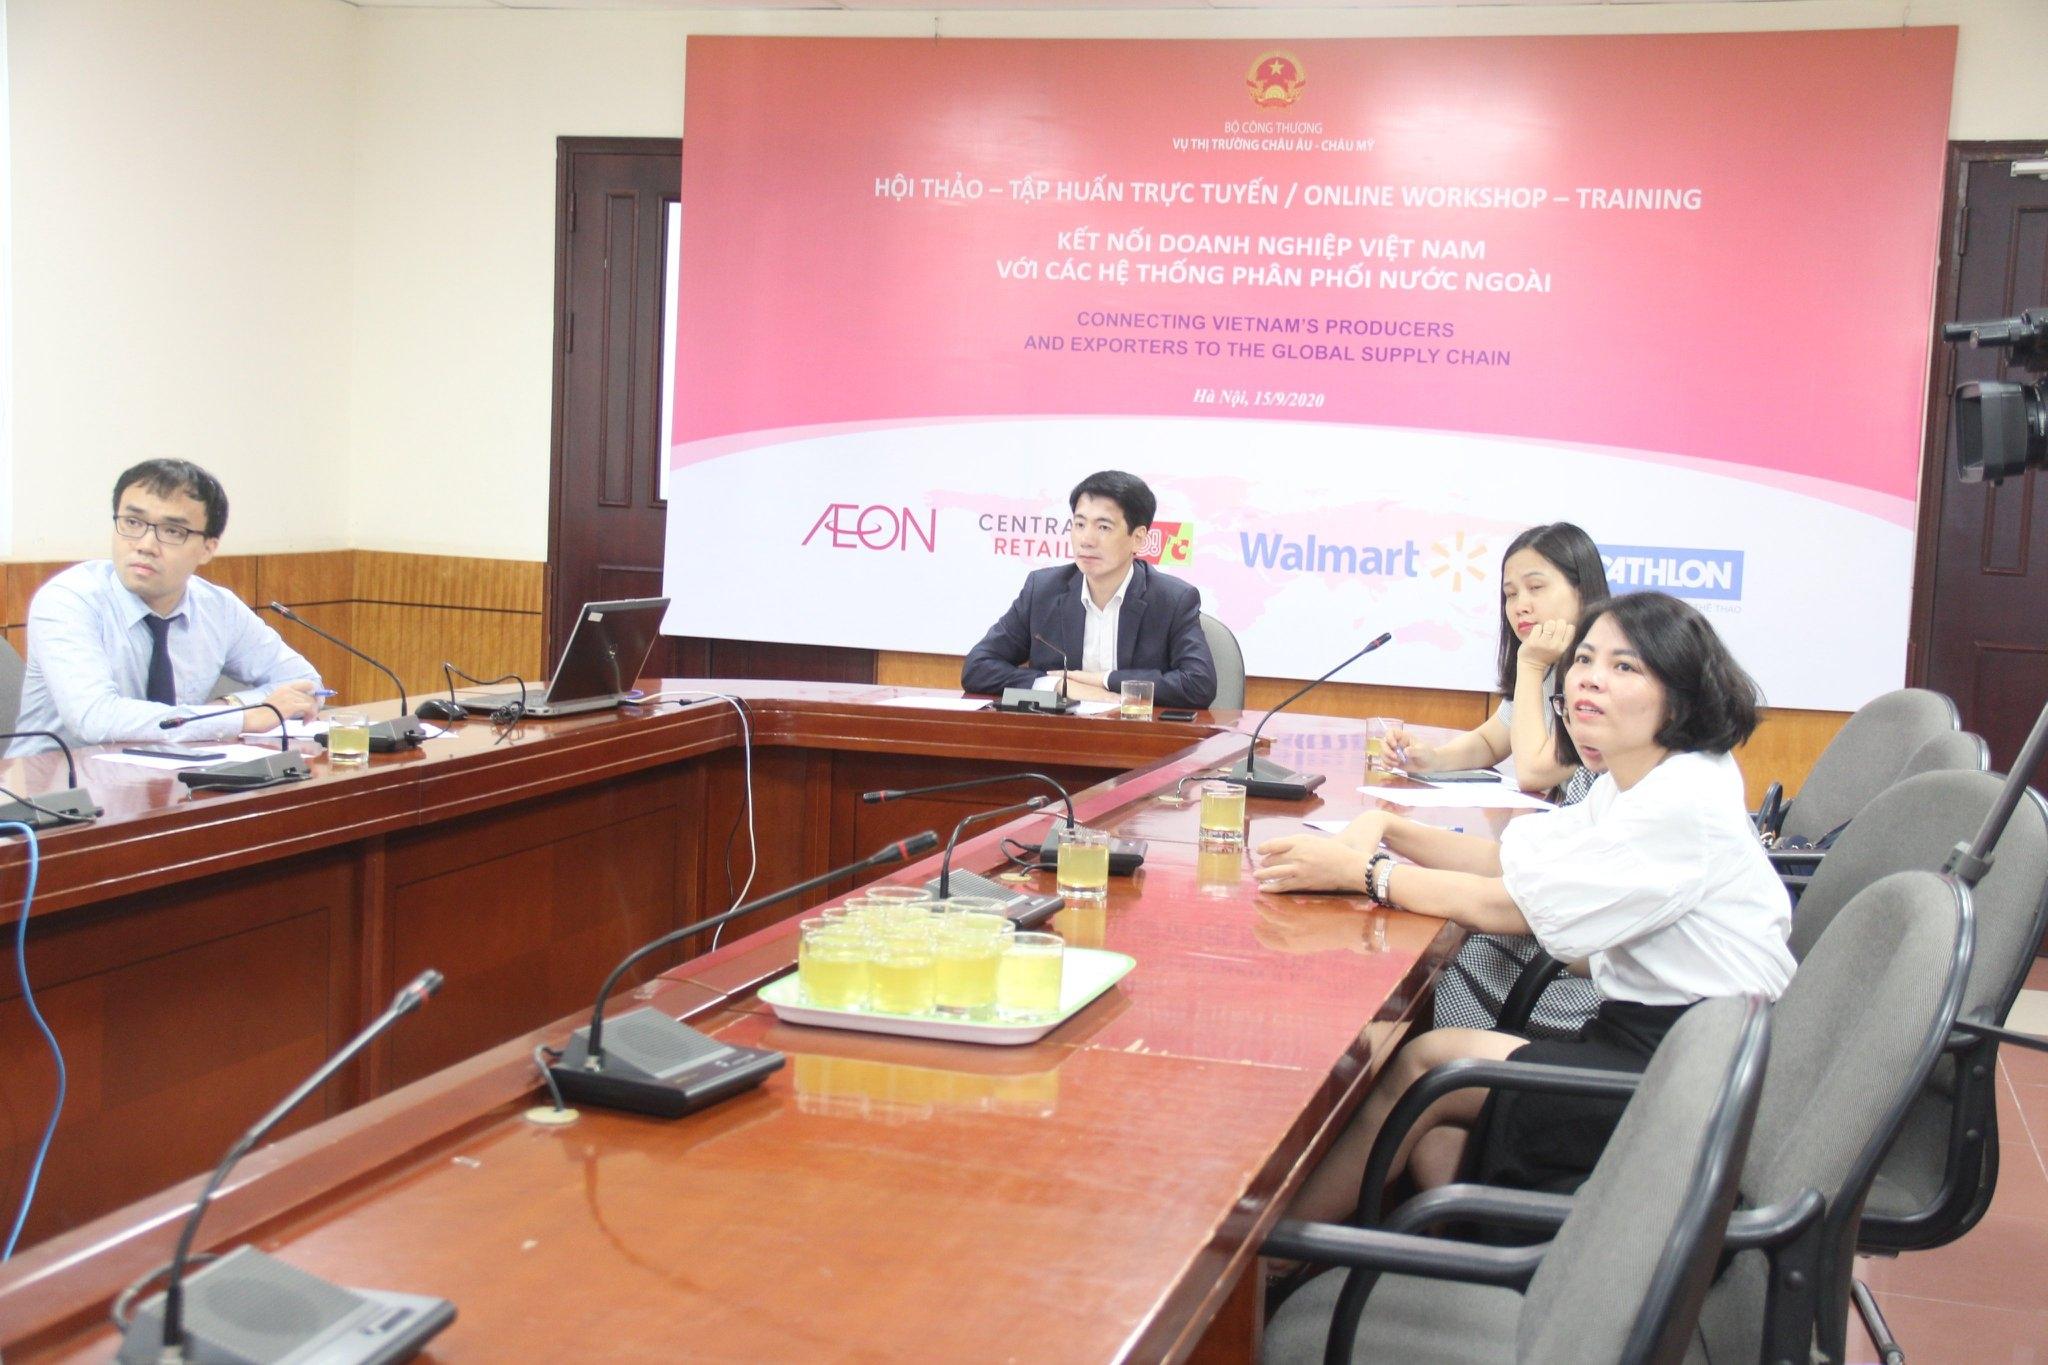 Đưa doanh nghiệp Việt tới gần thị trường quốc tế hơn